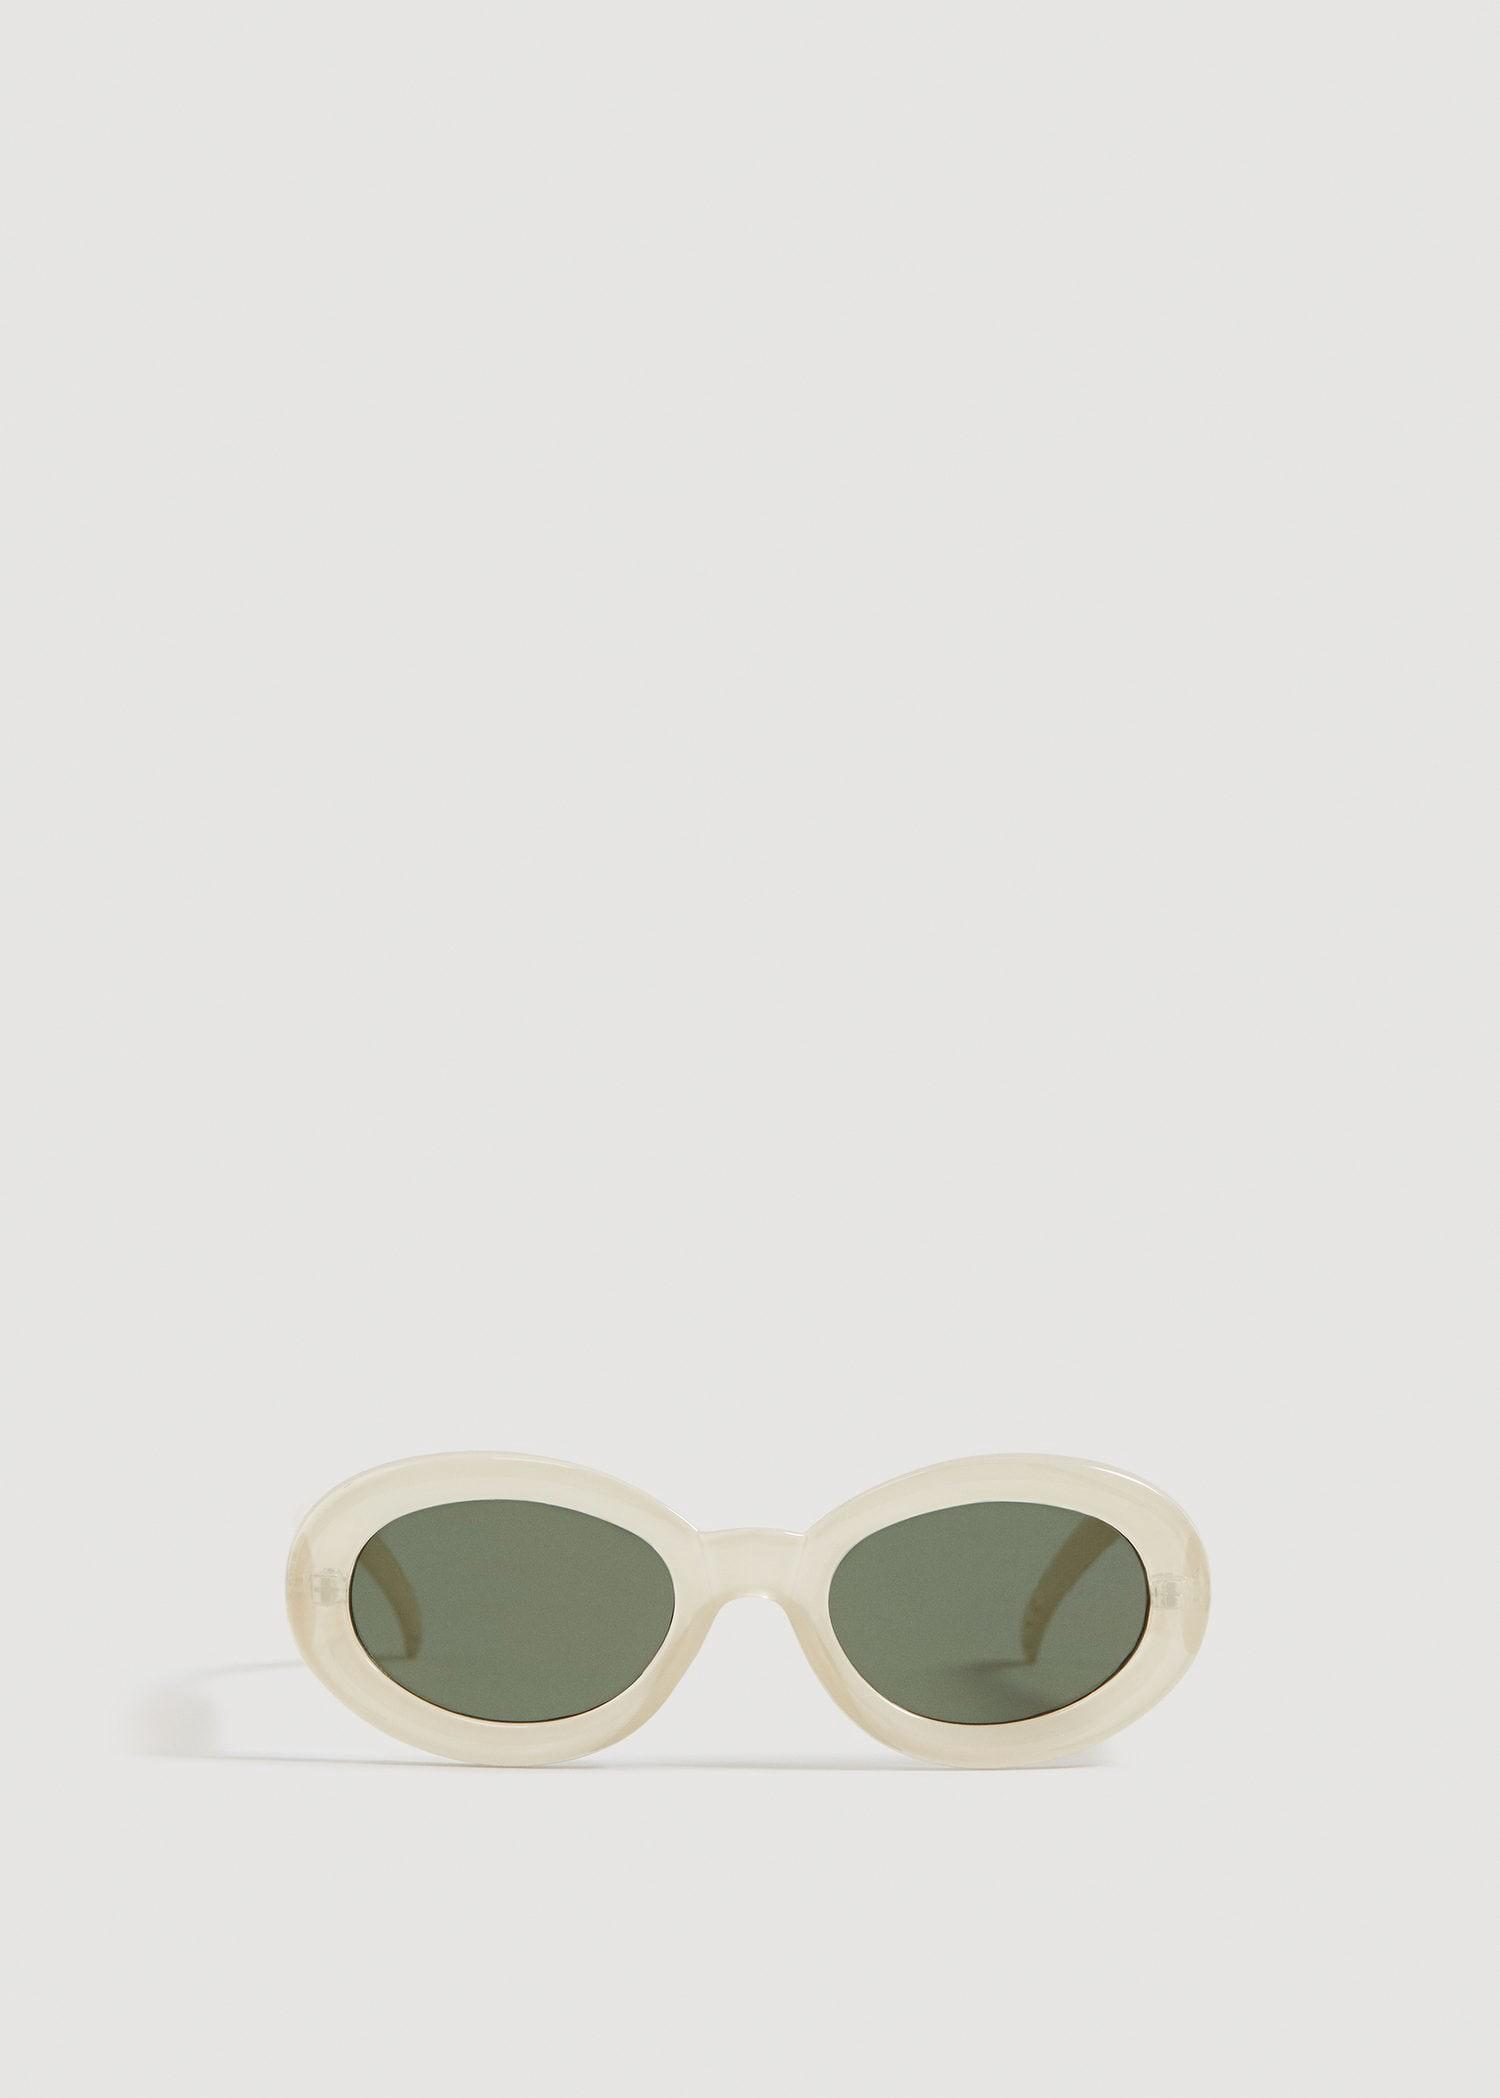 bcd04b70b2 Mango Acetate Frame Sunglasses - Beige One Size